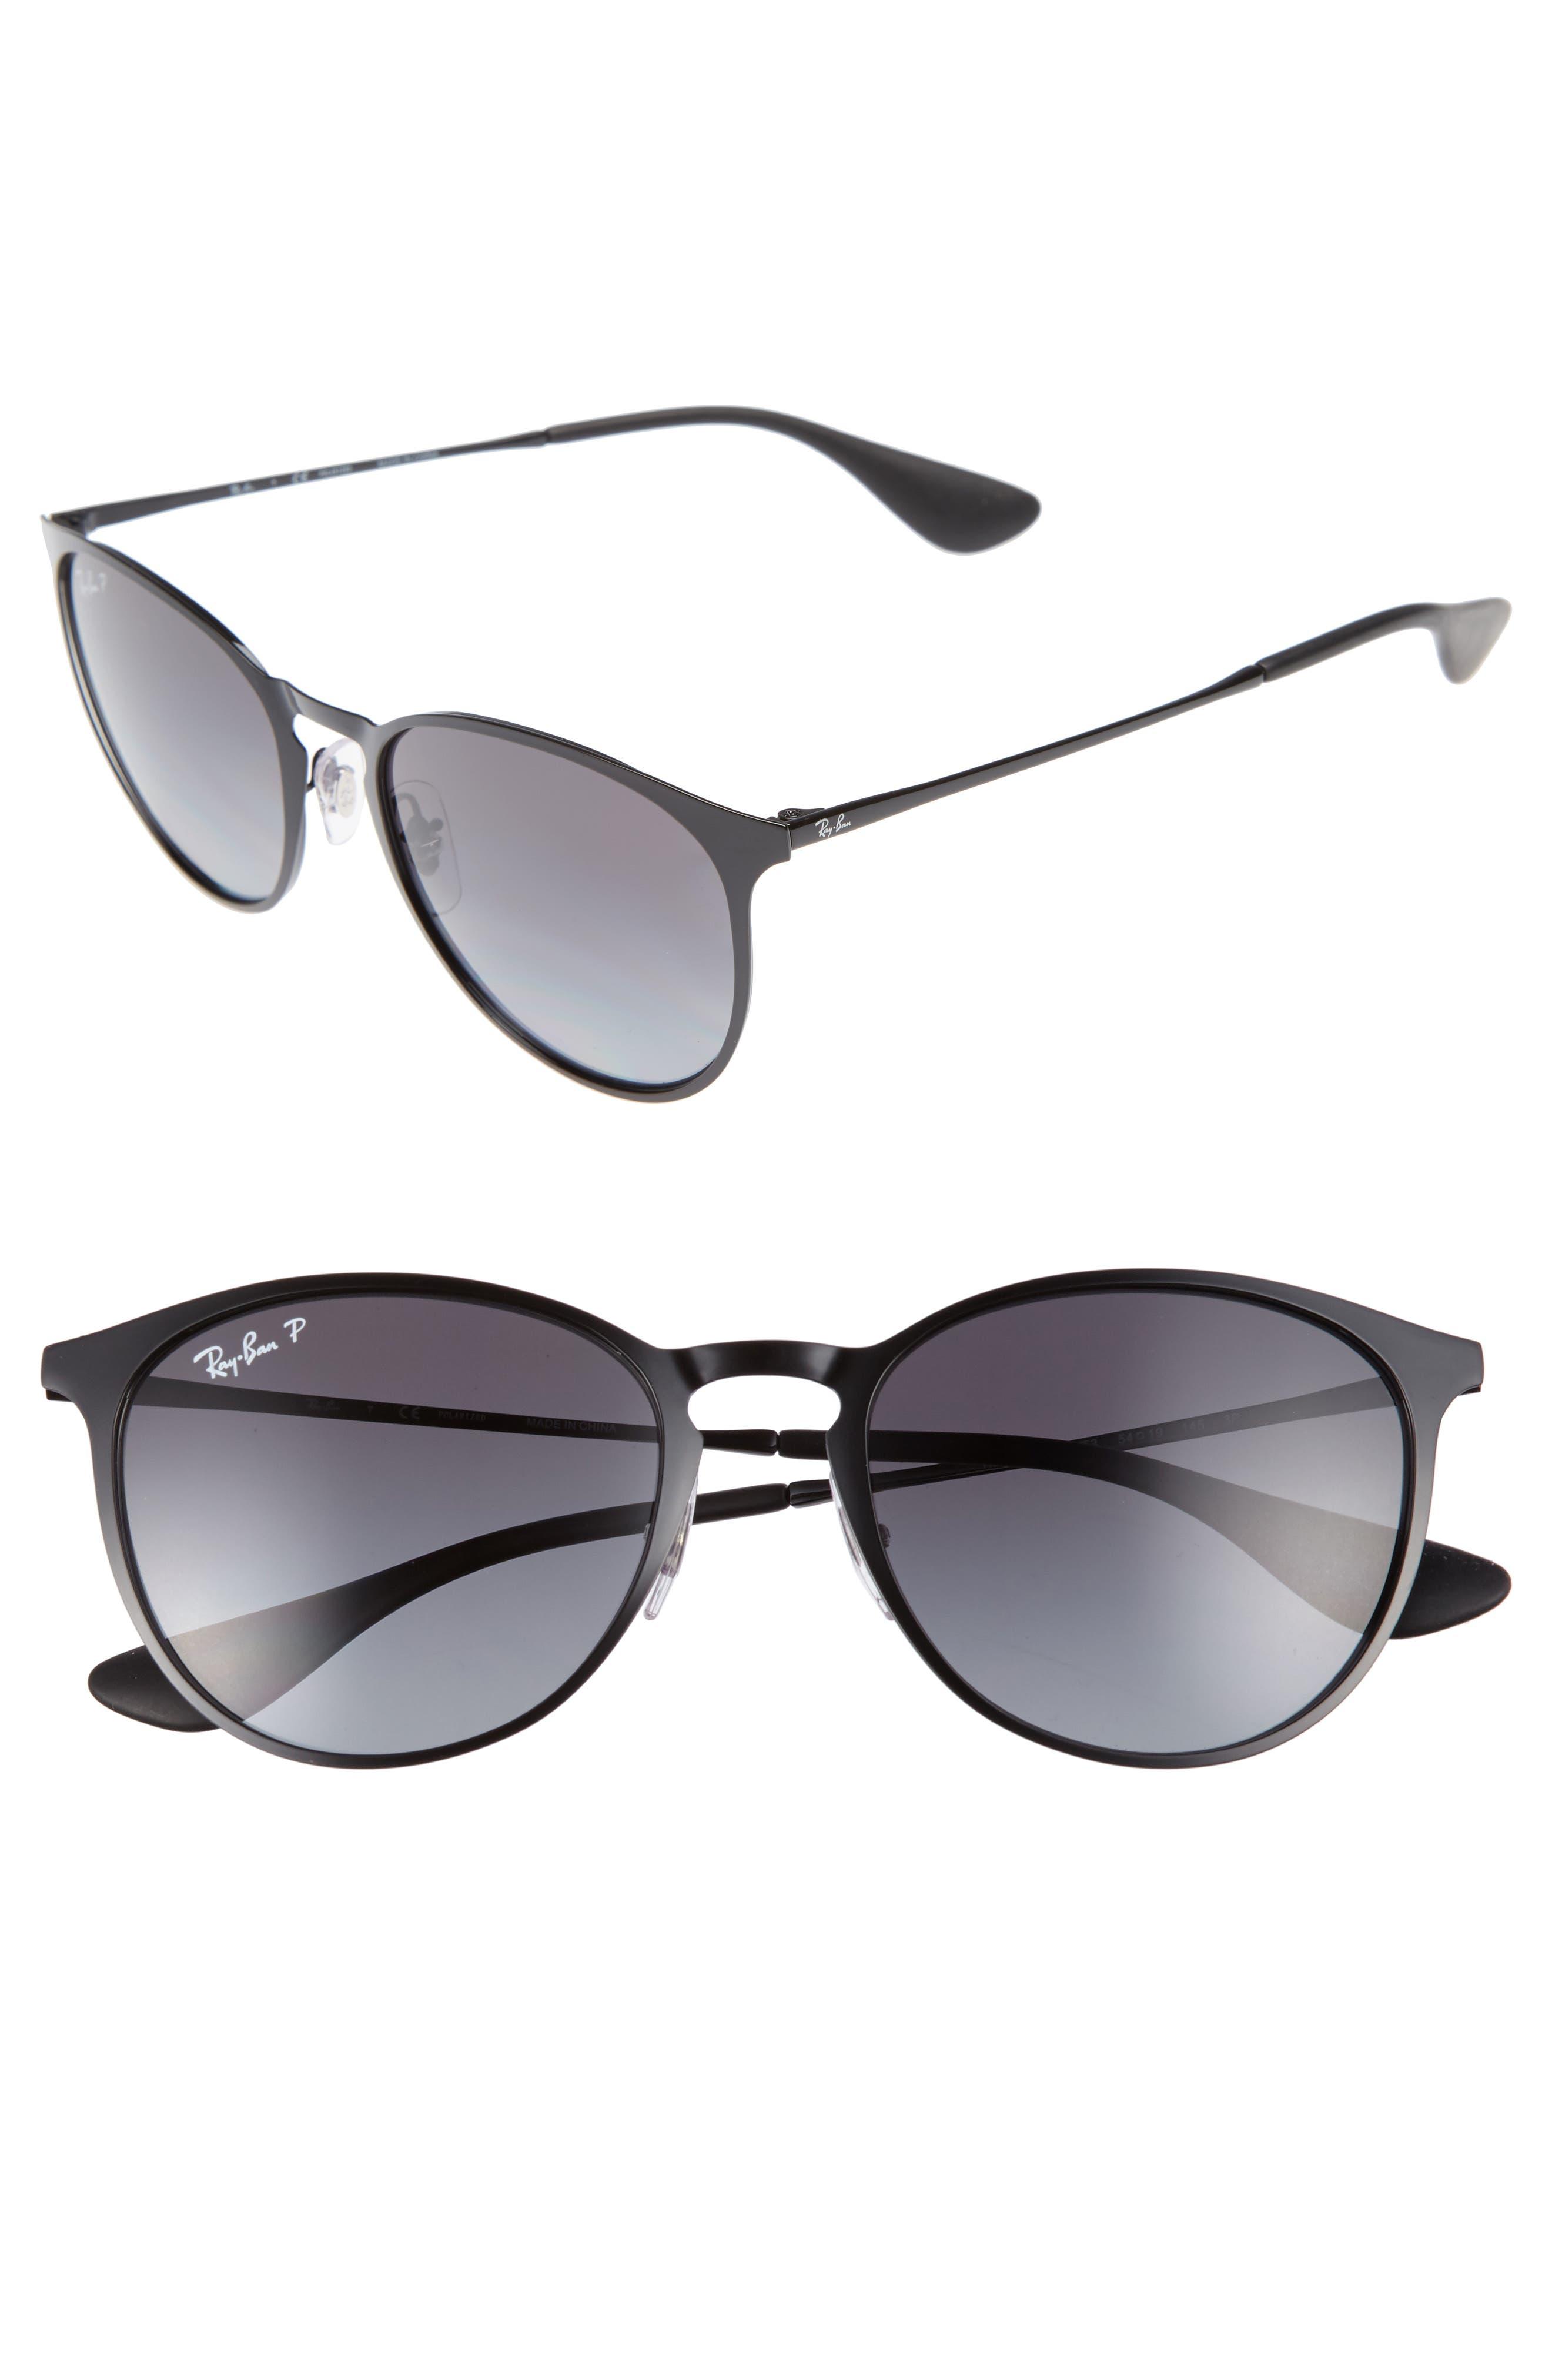 Erik 54mm Polarized Sunglasses,                         Main,                         color, SHINY BLACK